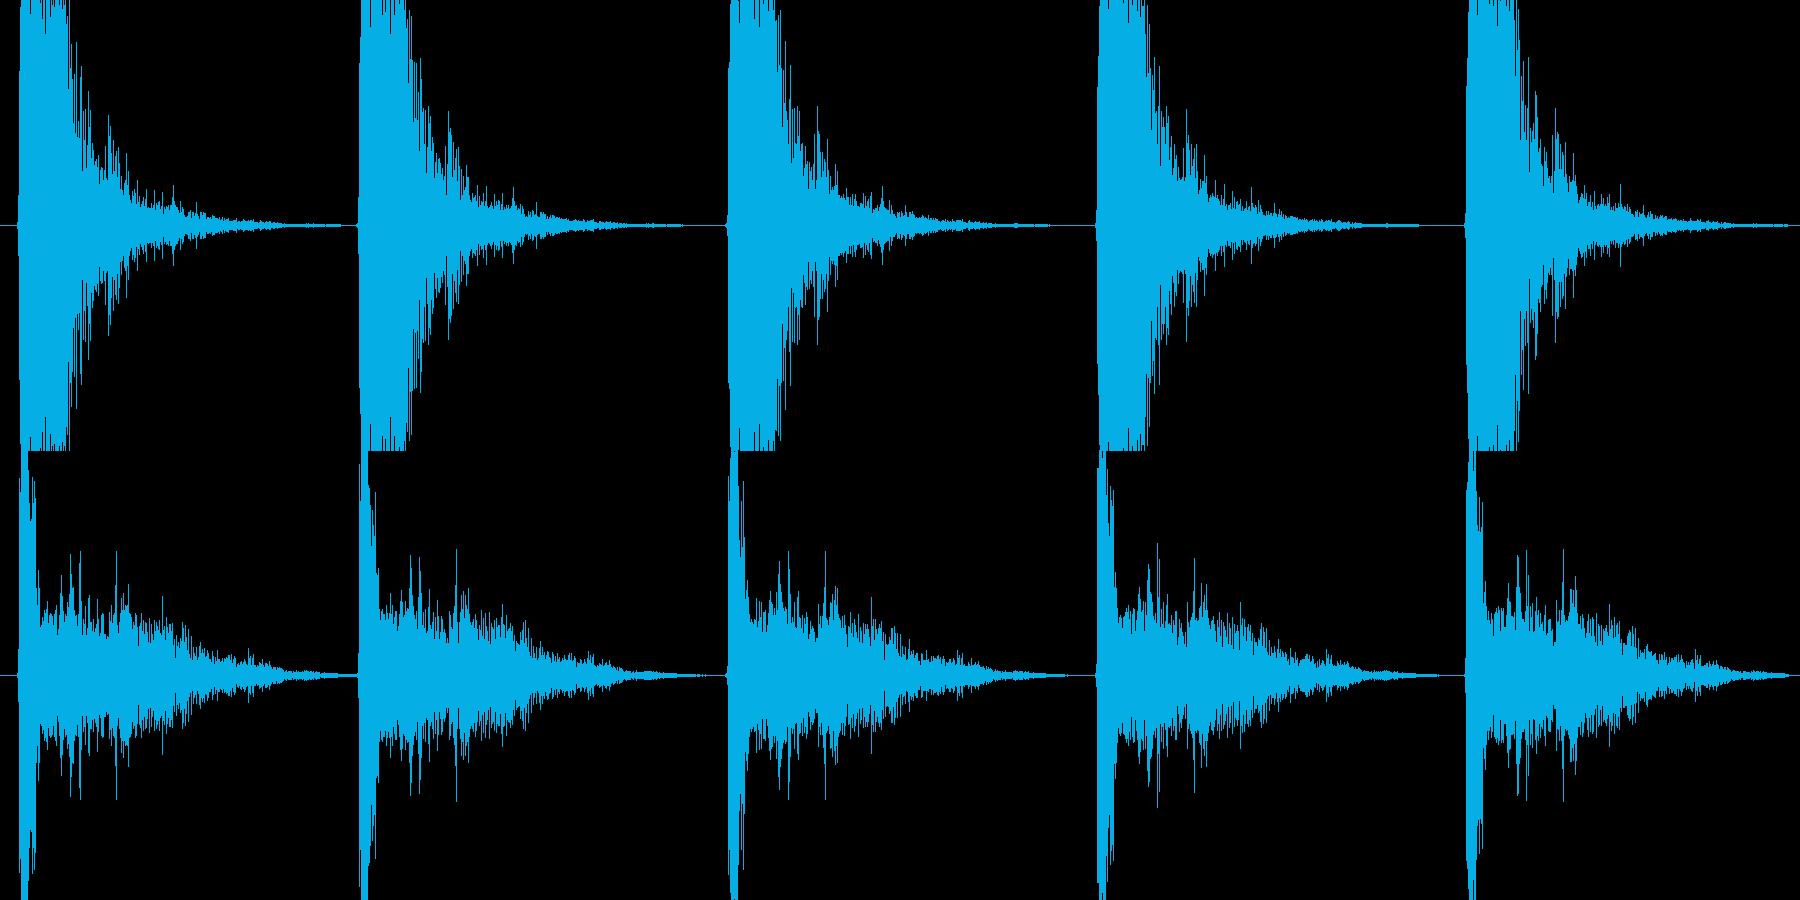 ハンドガン系の発砲音の再生済みの波形